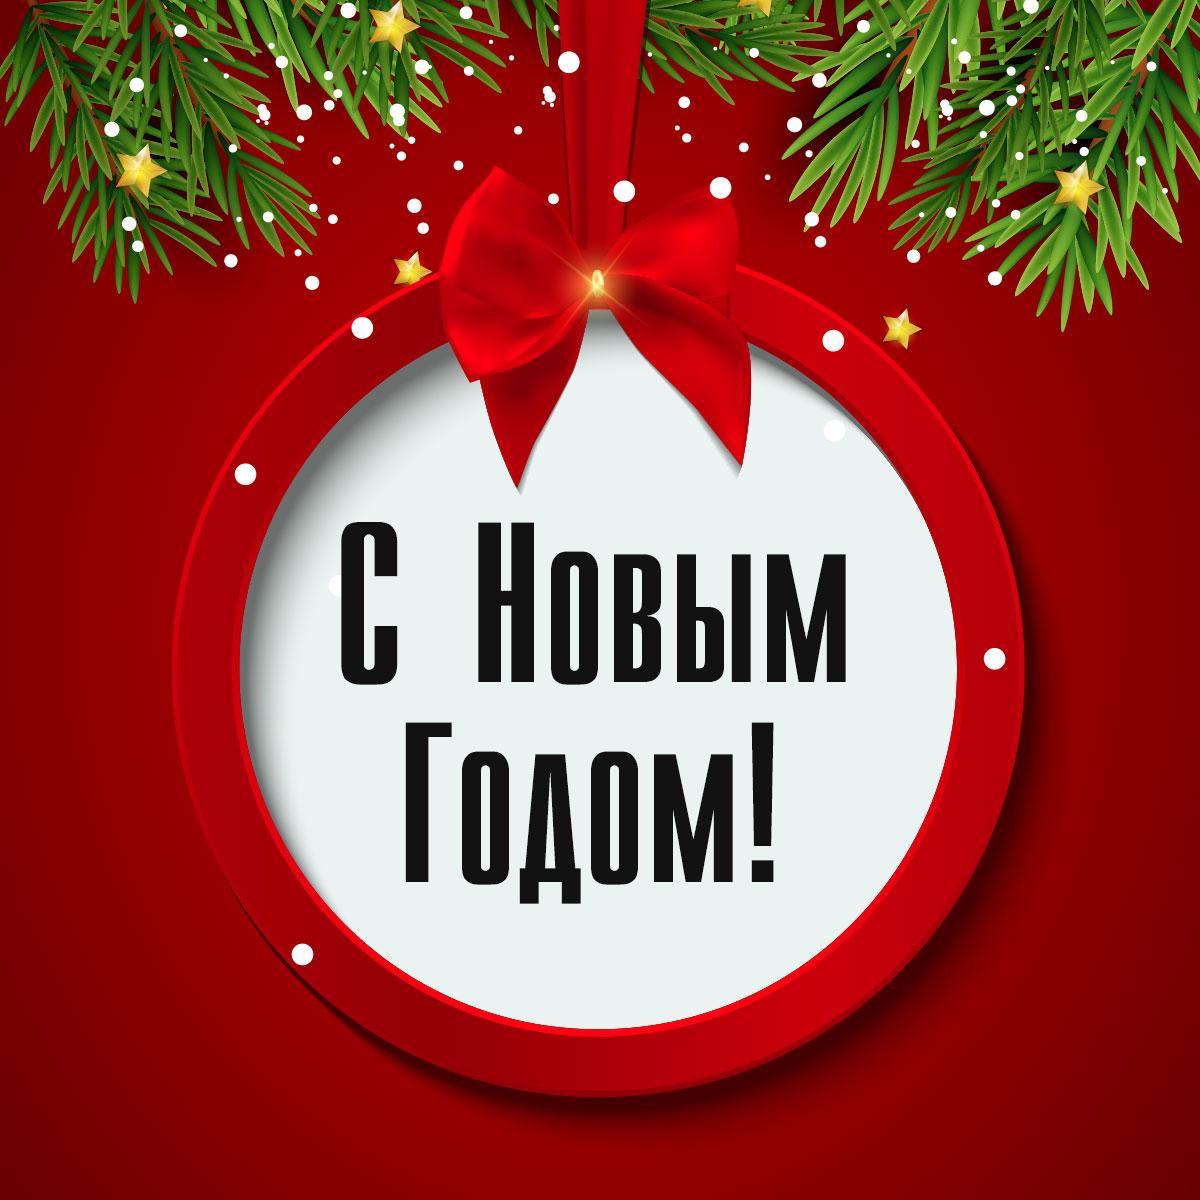 Надпись с новым годом в круглой рамке на красном фоне с ветками ели.